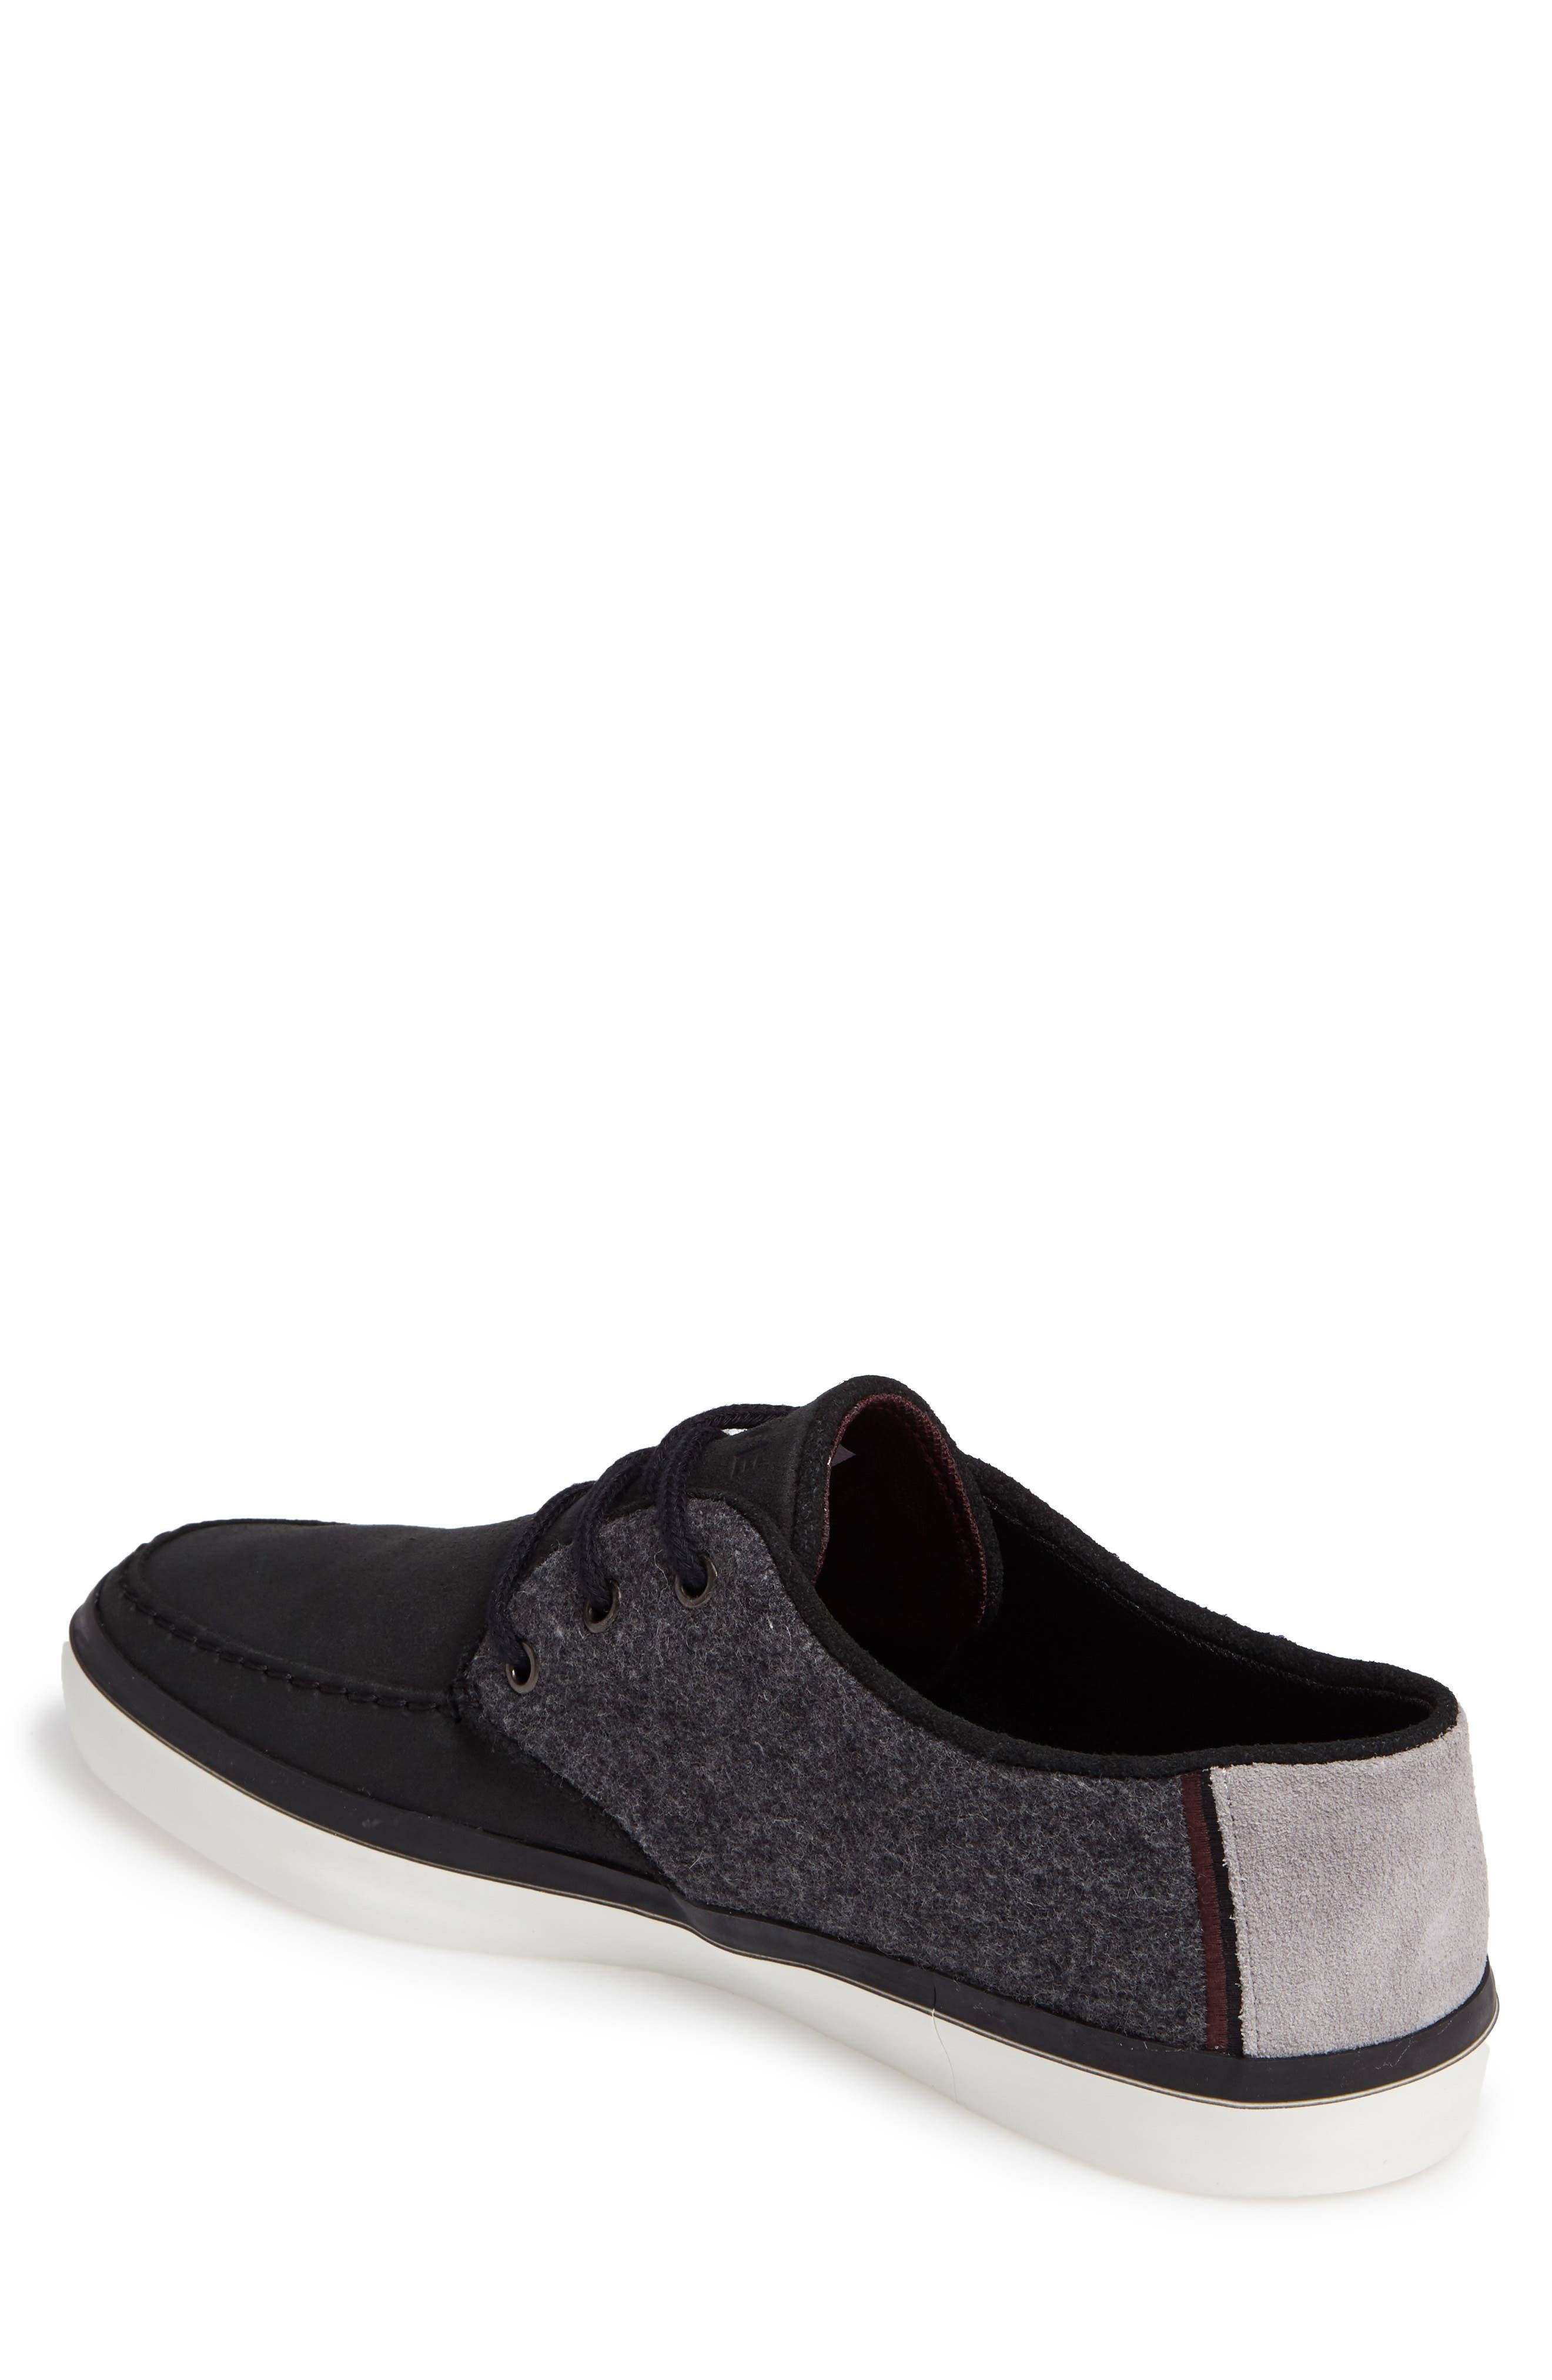 'Sevrin 1161' Sneaker,                             Alternate thumbnail 2, color,                             008